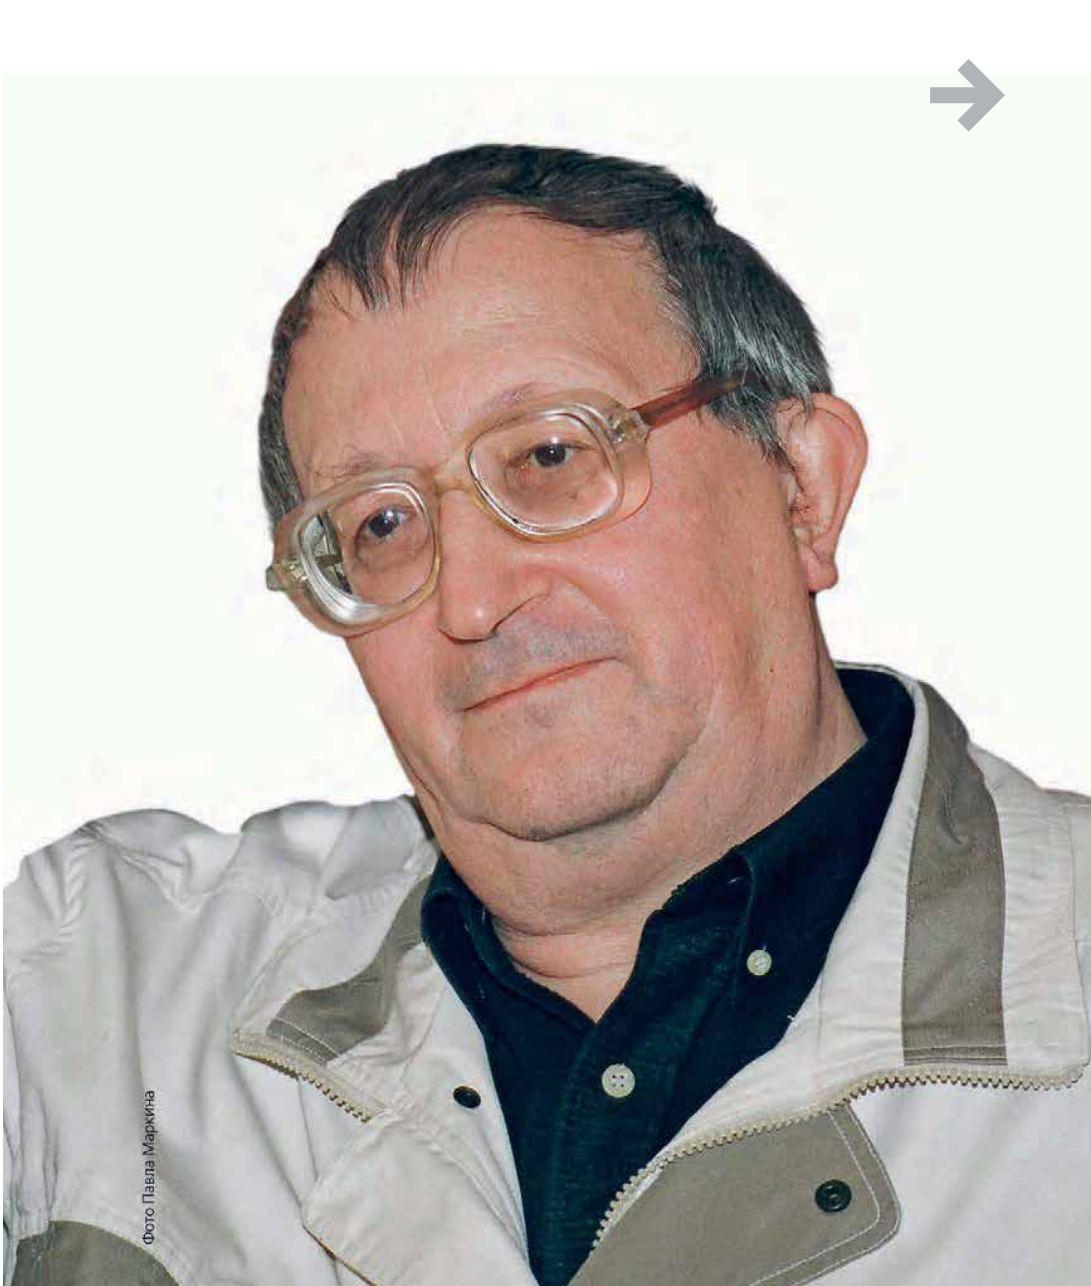 19 ноября Борис Стругацкий